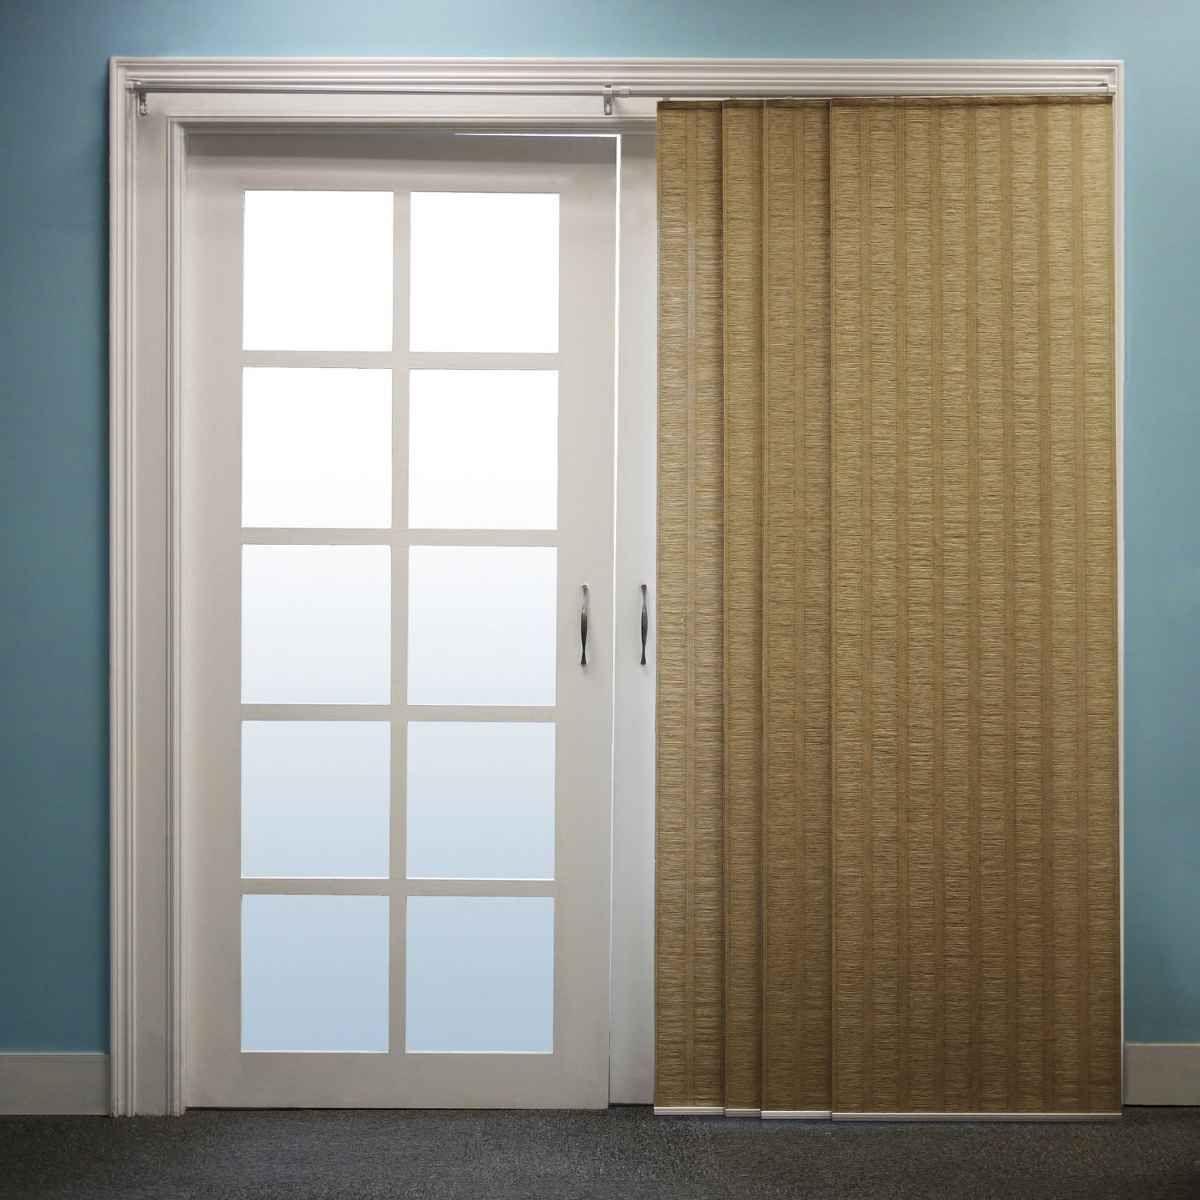 chicology adjustable track sliding panel decor ideas doors sliding glass door glass door. Black Bedroom Furniture Sets. Home Design Ideas